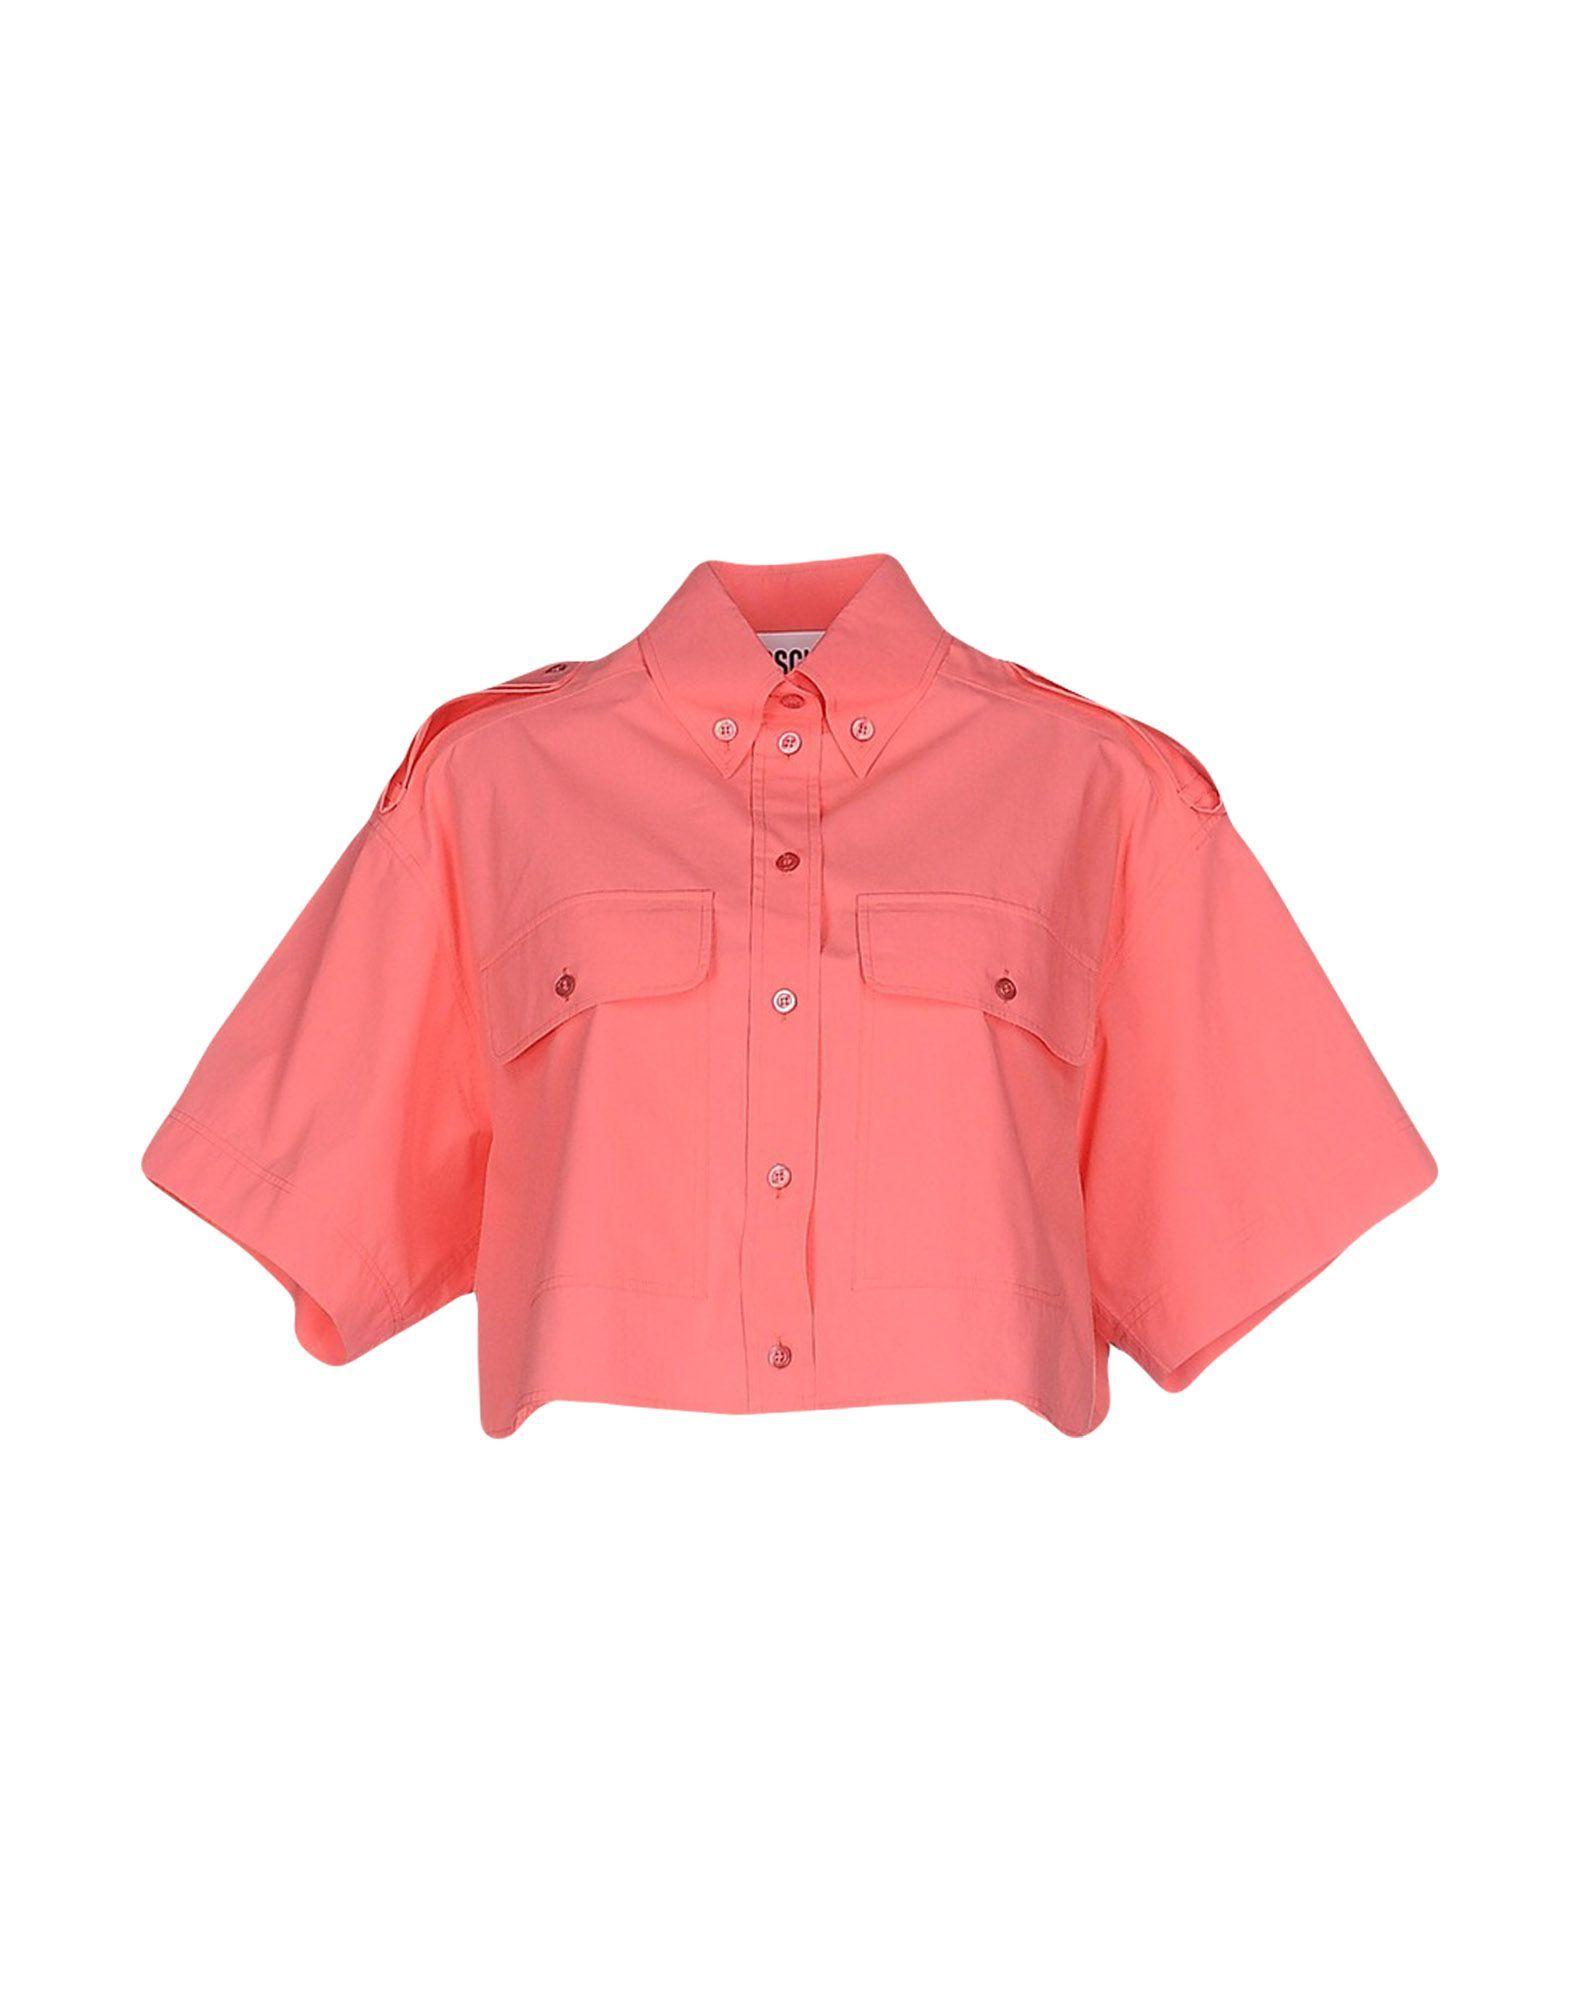 465260ebeba92 MOSCHINO SHIRTS. #moschino #cloth # | Moschino | Pinterest ...